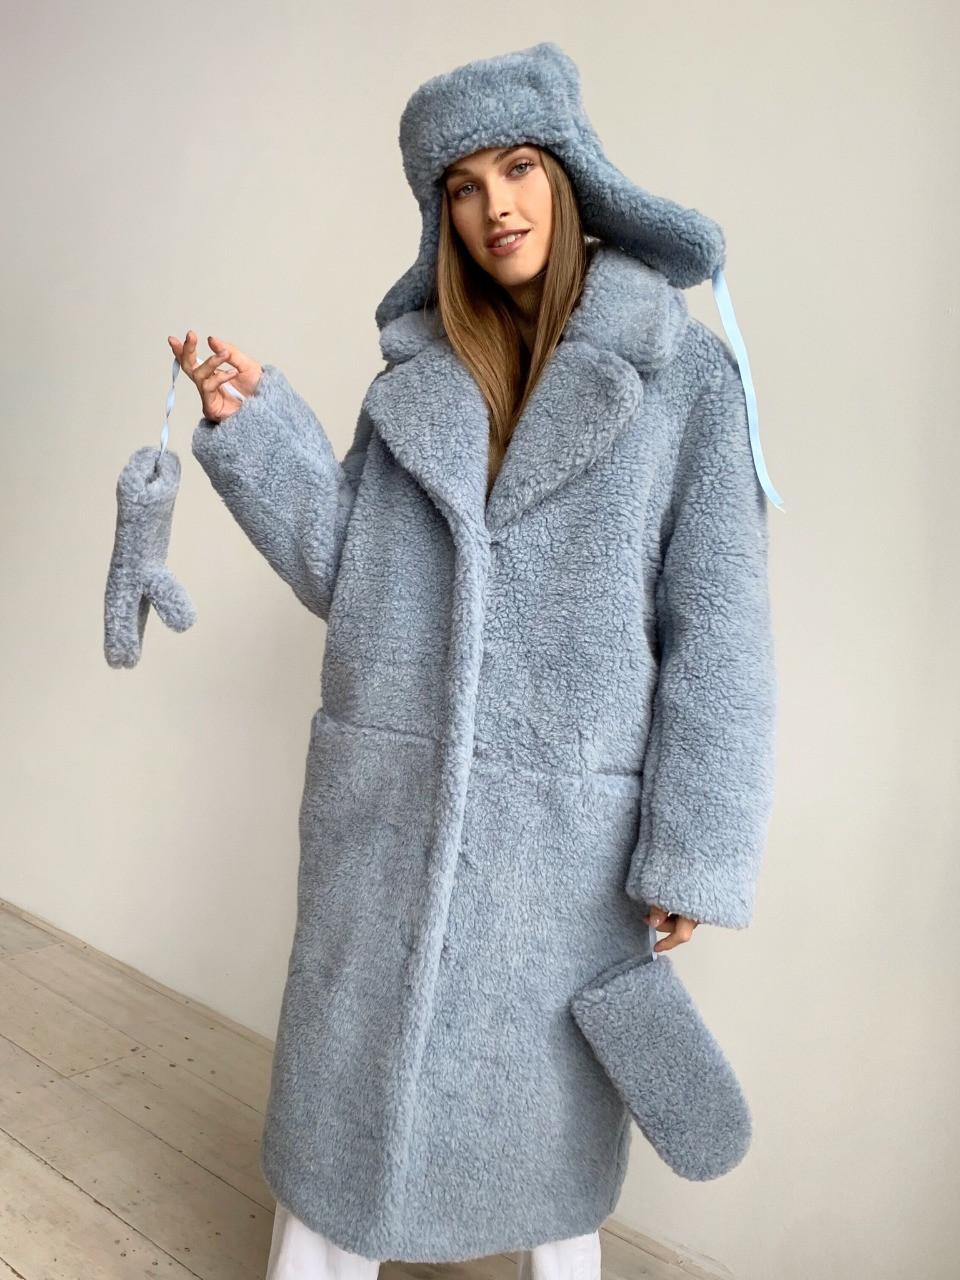 Шуба из натуральной стриженой овечьей шерсти длина 110 см, прорезные карманы, голубой цвет - фото 4